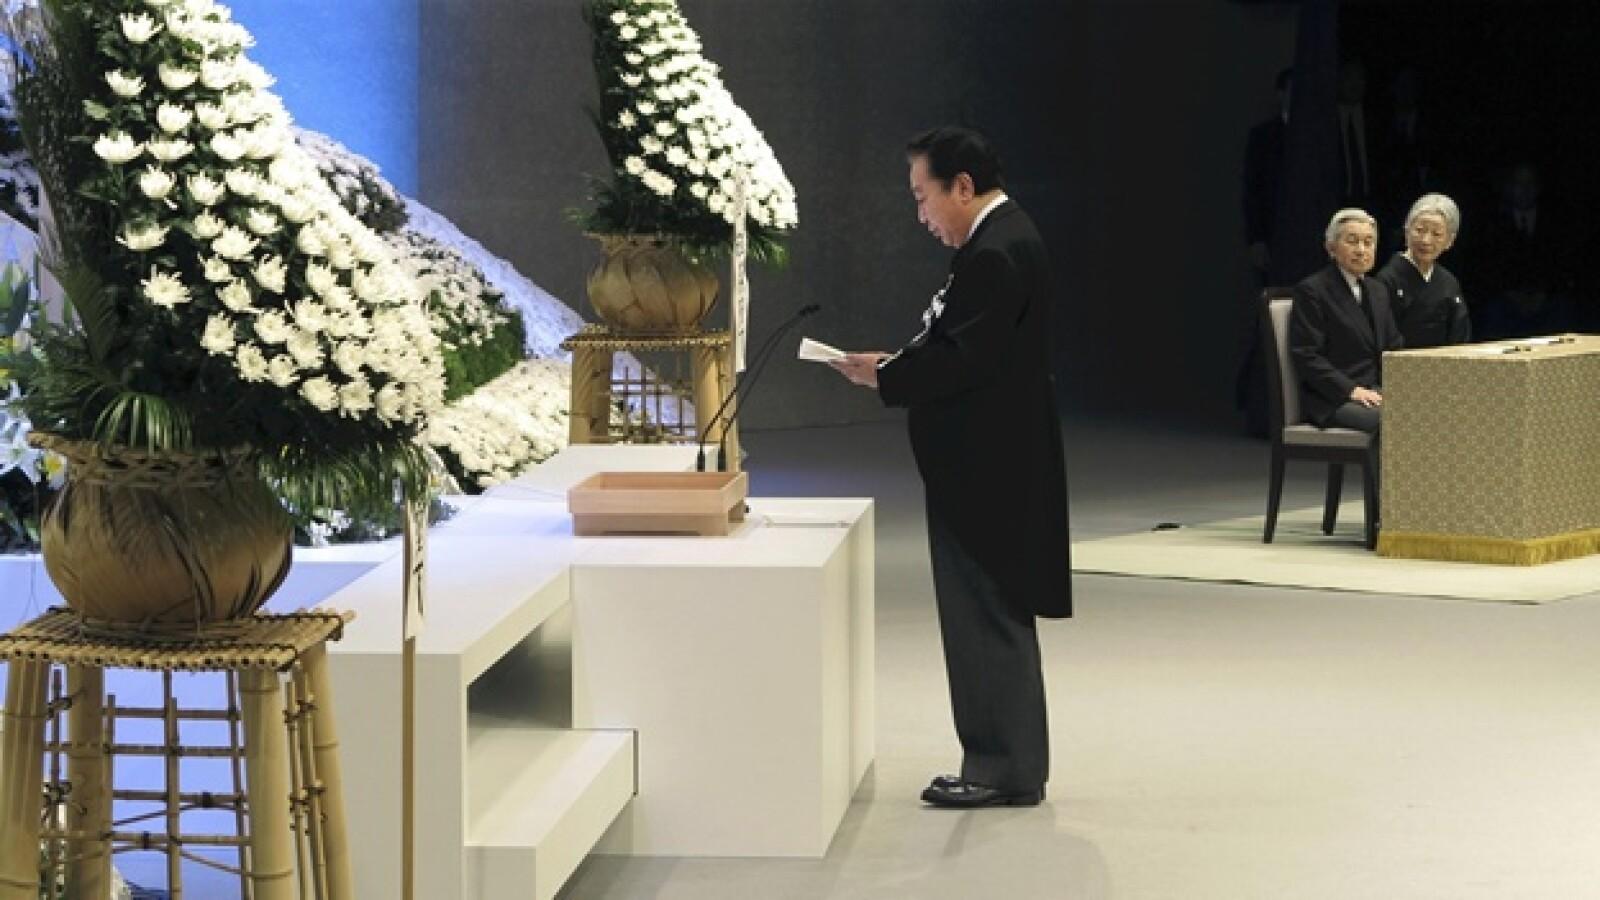 el primer ministro de japon Yoshihiko Noda ofrece un discurso